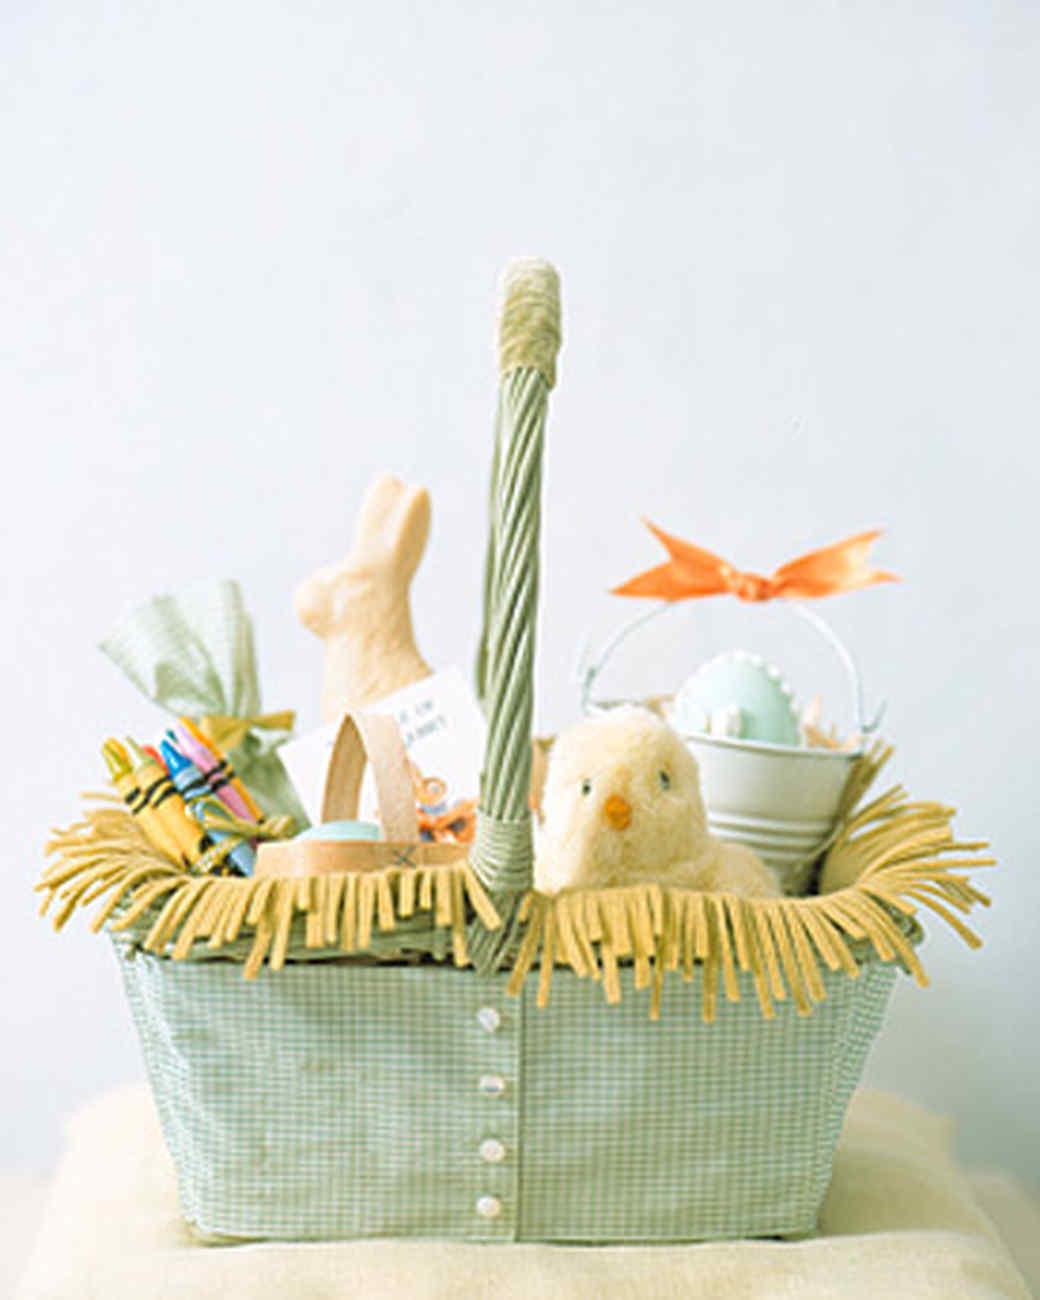 Slipcovered Easter Basket